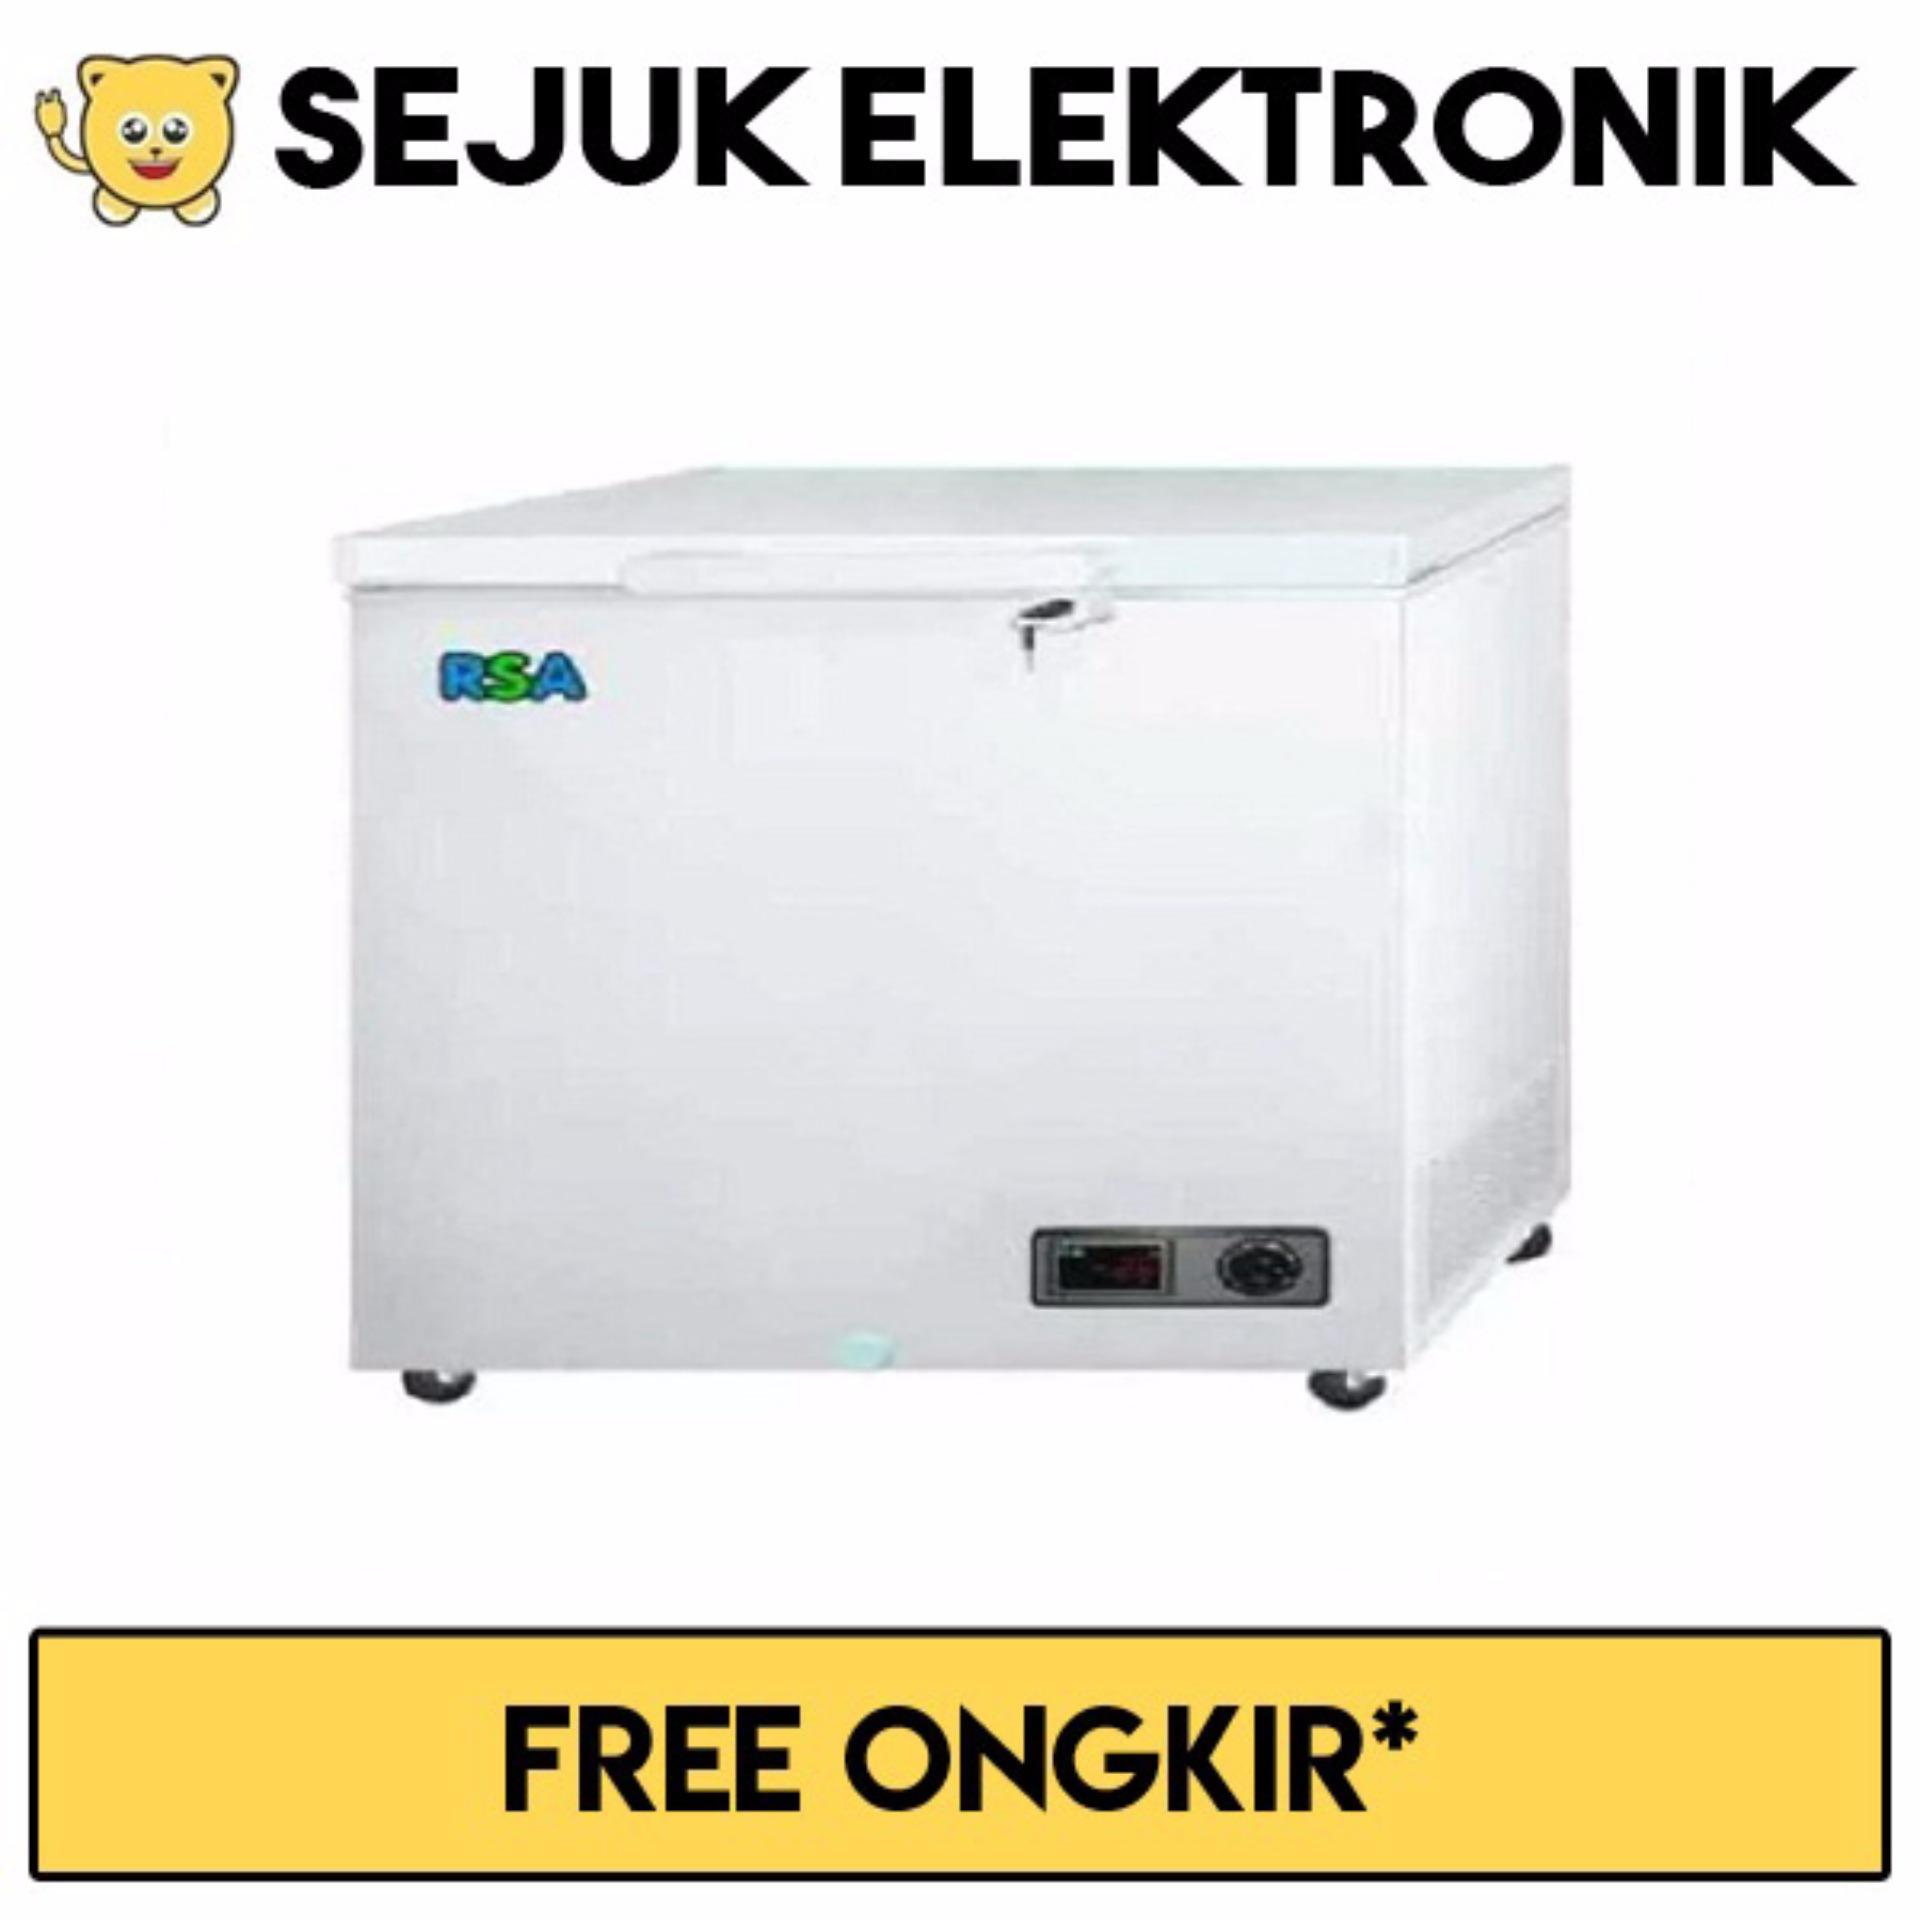 Beli Rsa Cf 220 Chest Freezer 220 Liter Putih Khusus Jadetabek Dengan Kartu Kredit